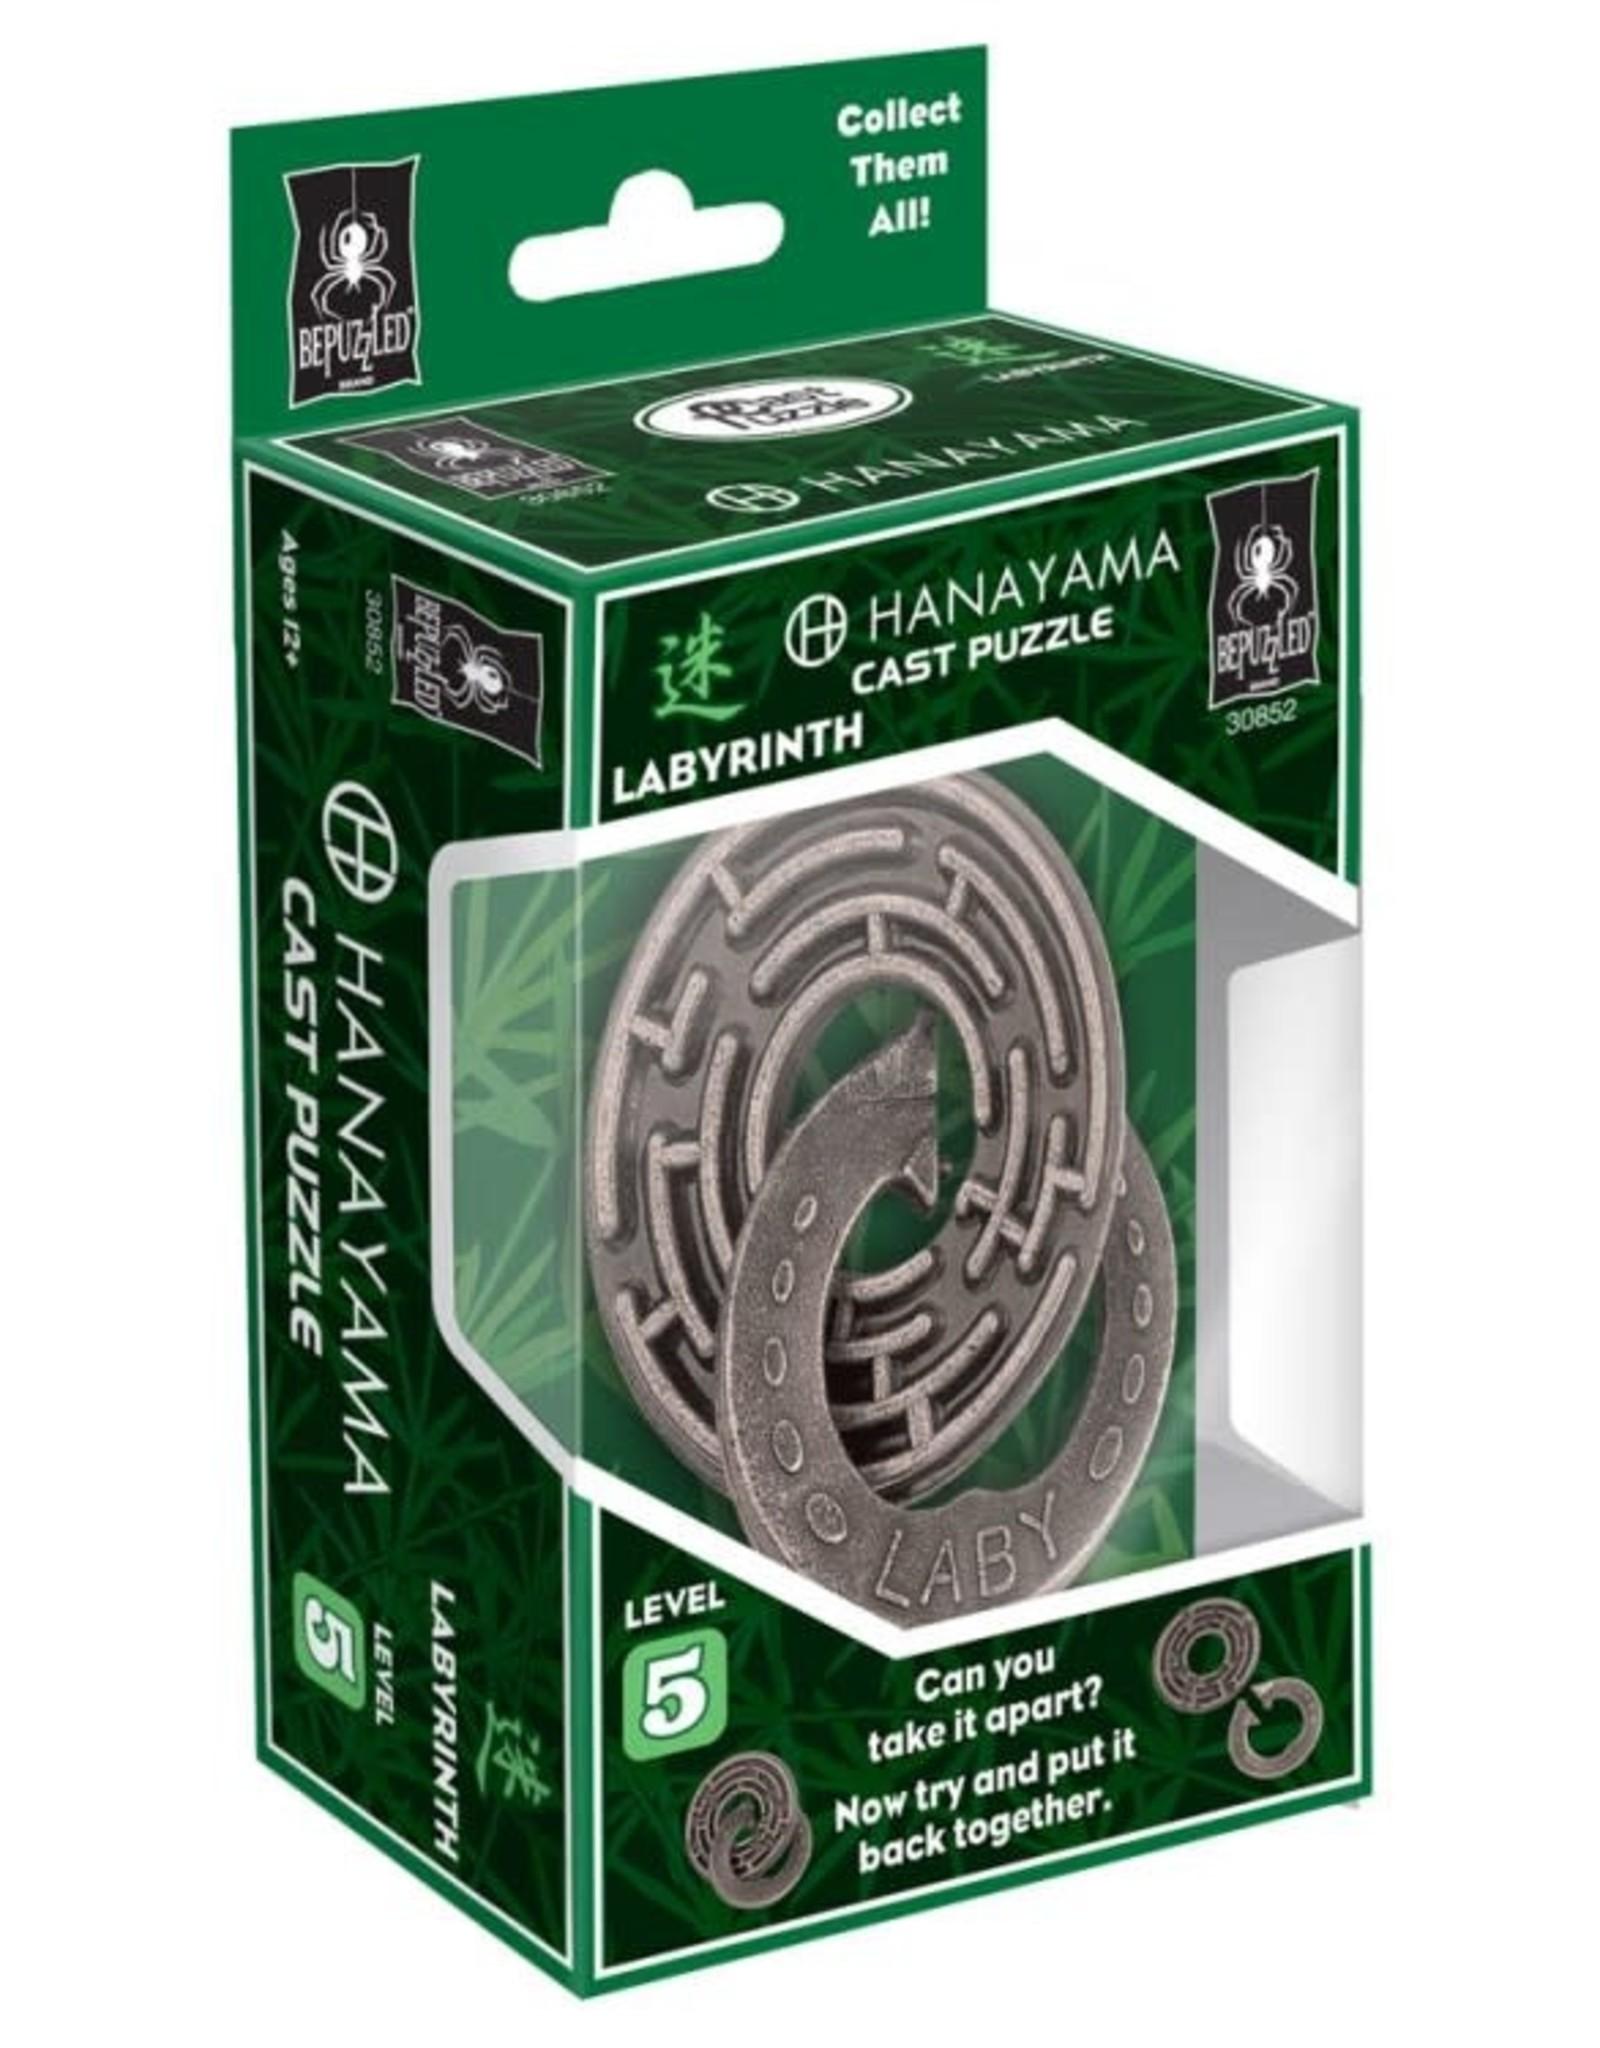 University Games Hanayama Puzzle: Labyrinth Lvl 5